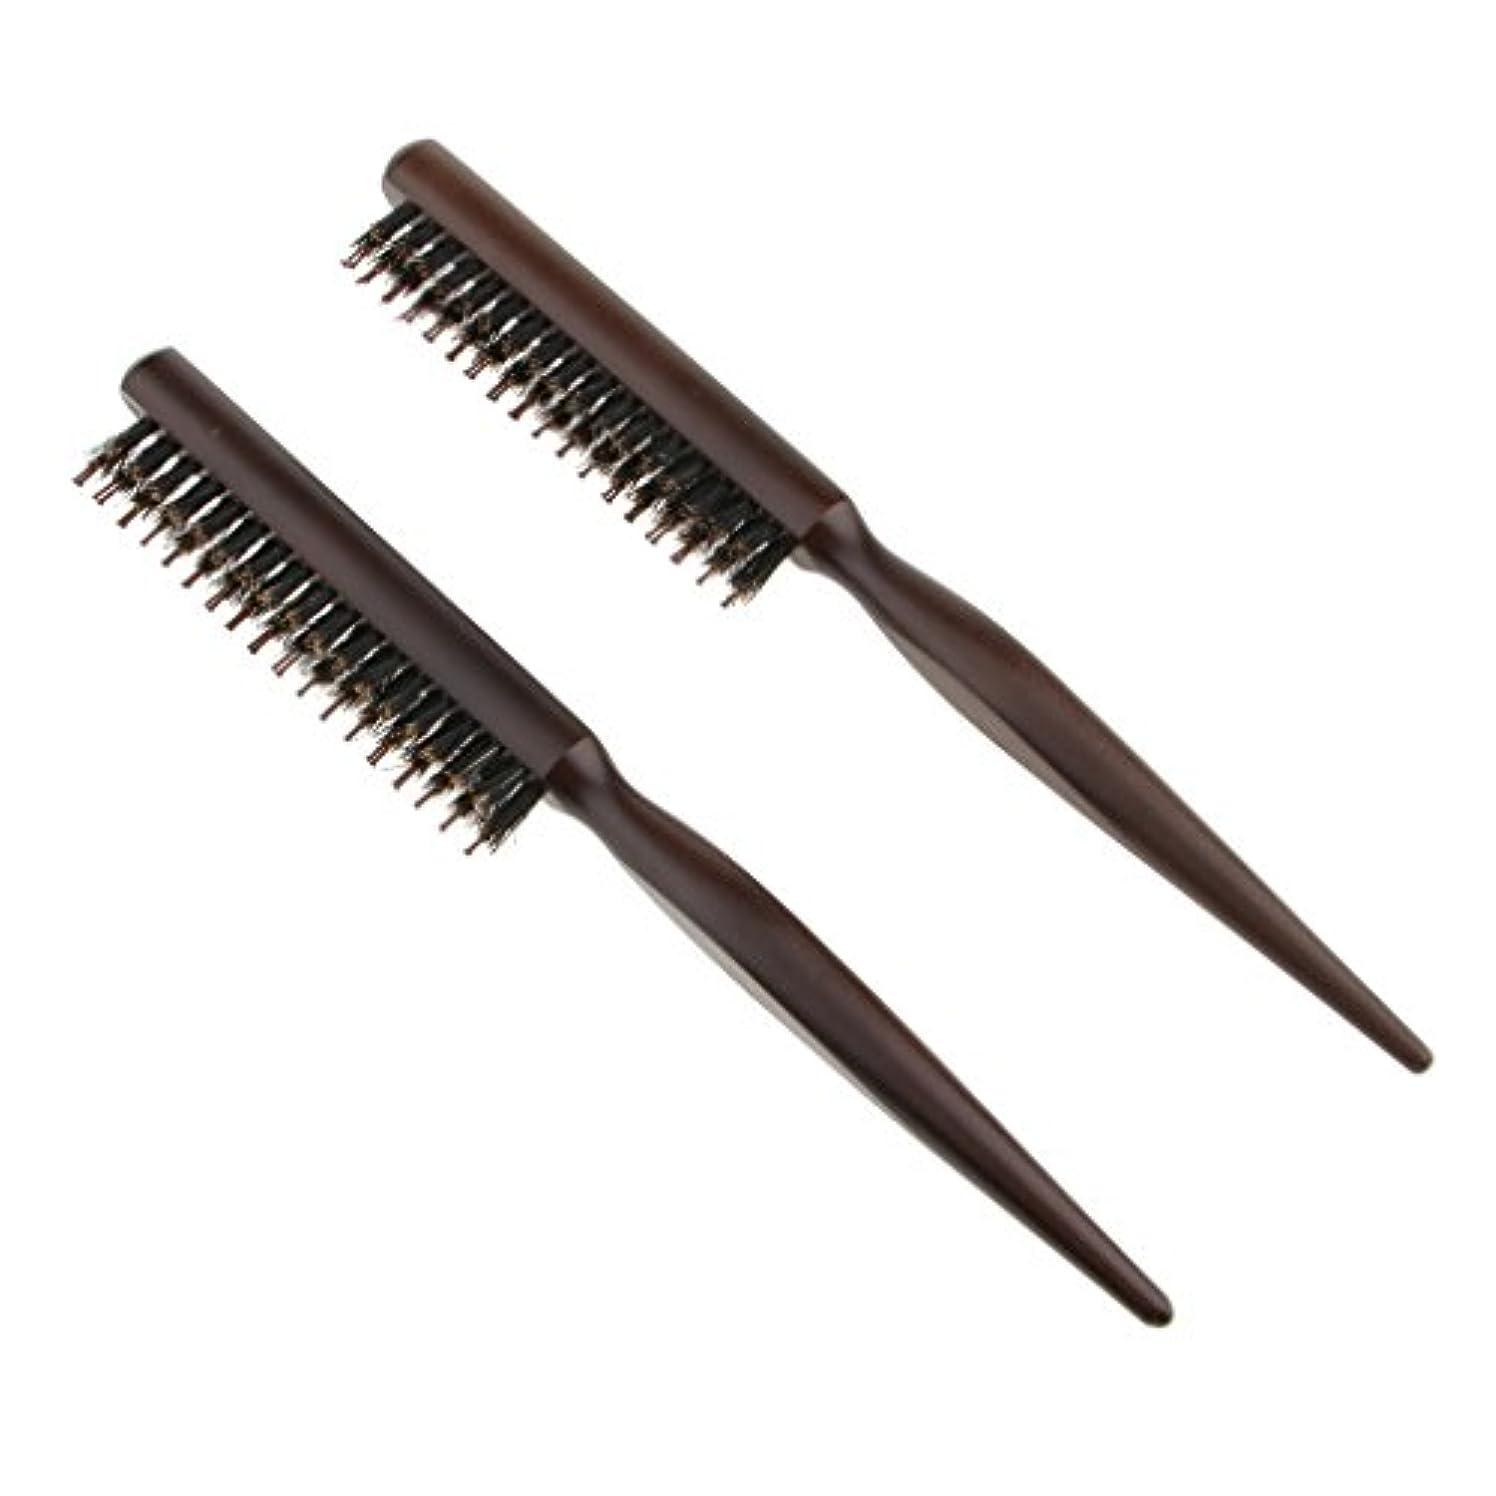 開発する感じ殺人Toygogo ヘアセクショニング、エッジコントロール、バックコーミング用の木製ラットテールピック付きヘアブラシコームをからかう自然な毛